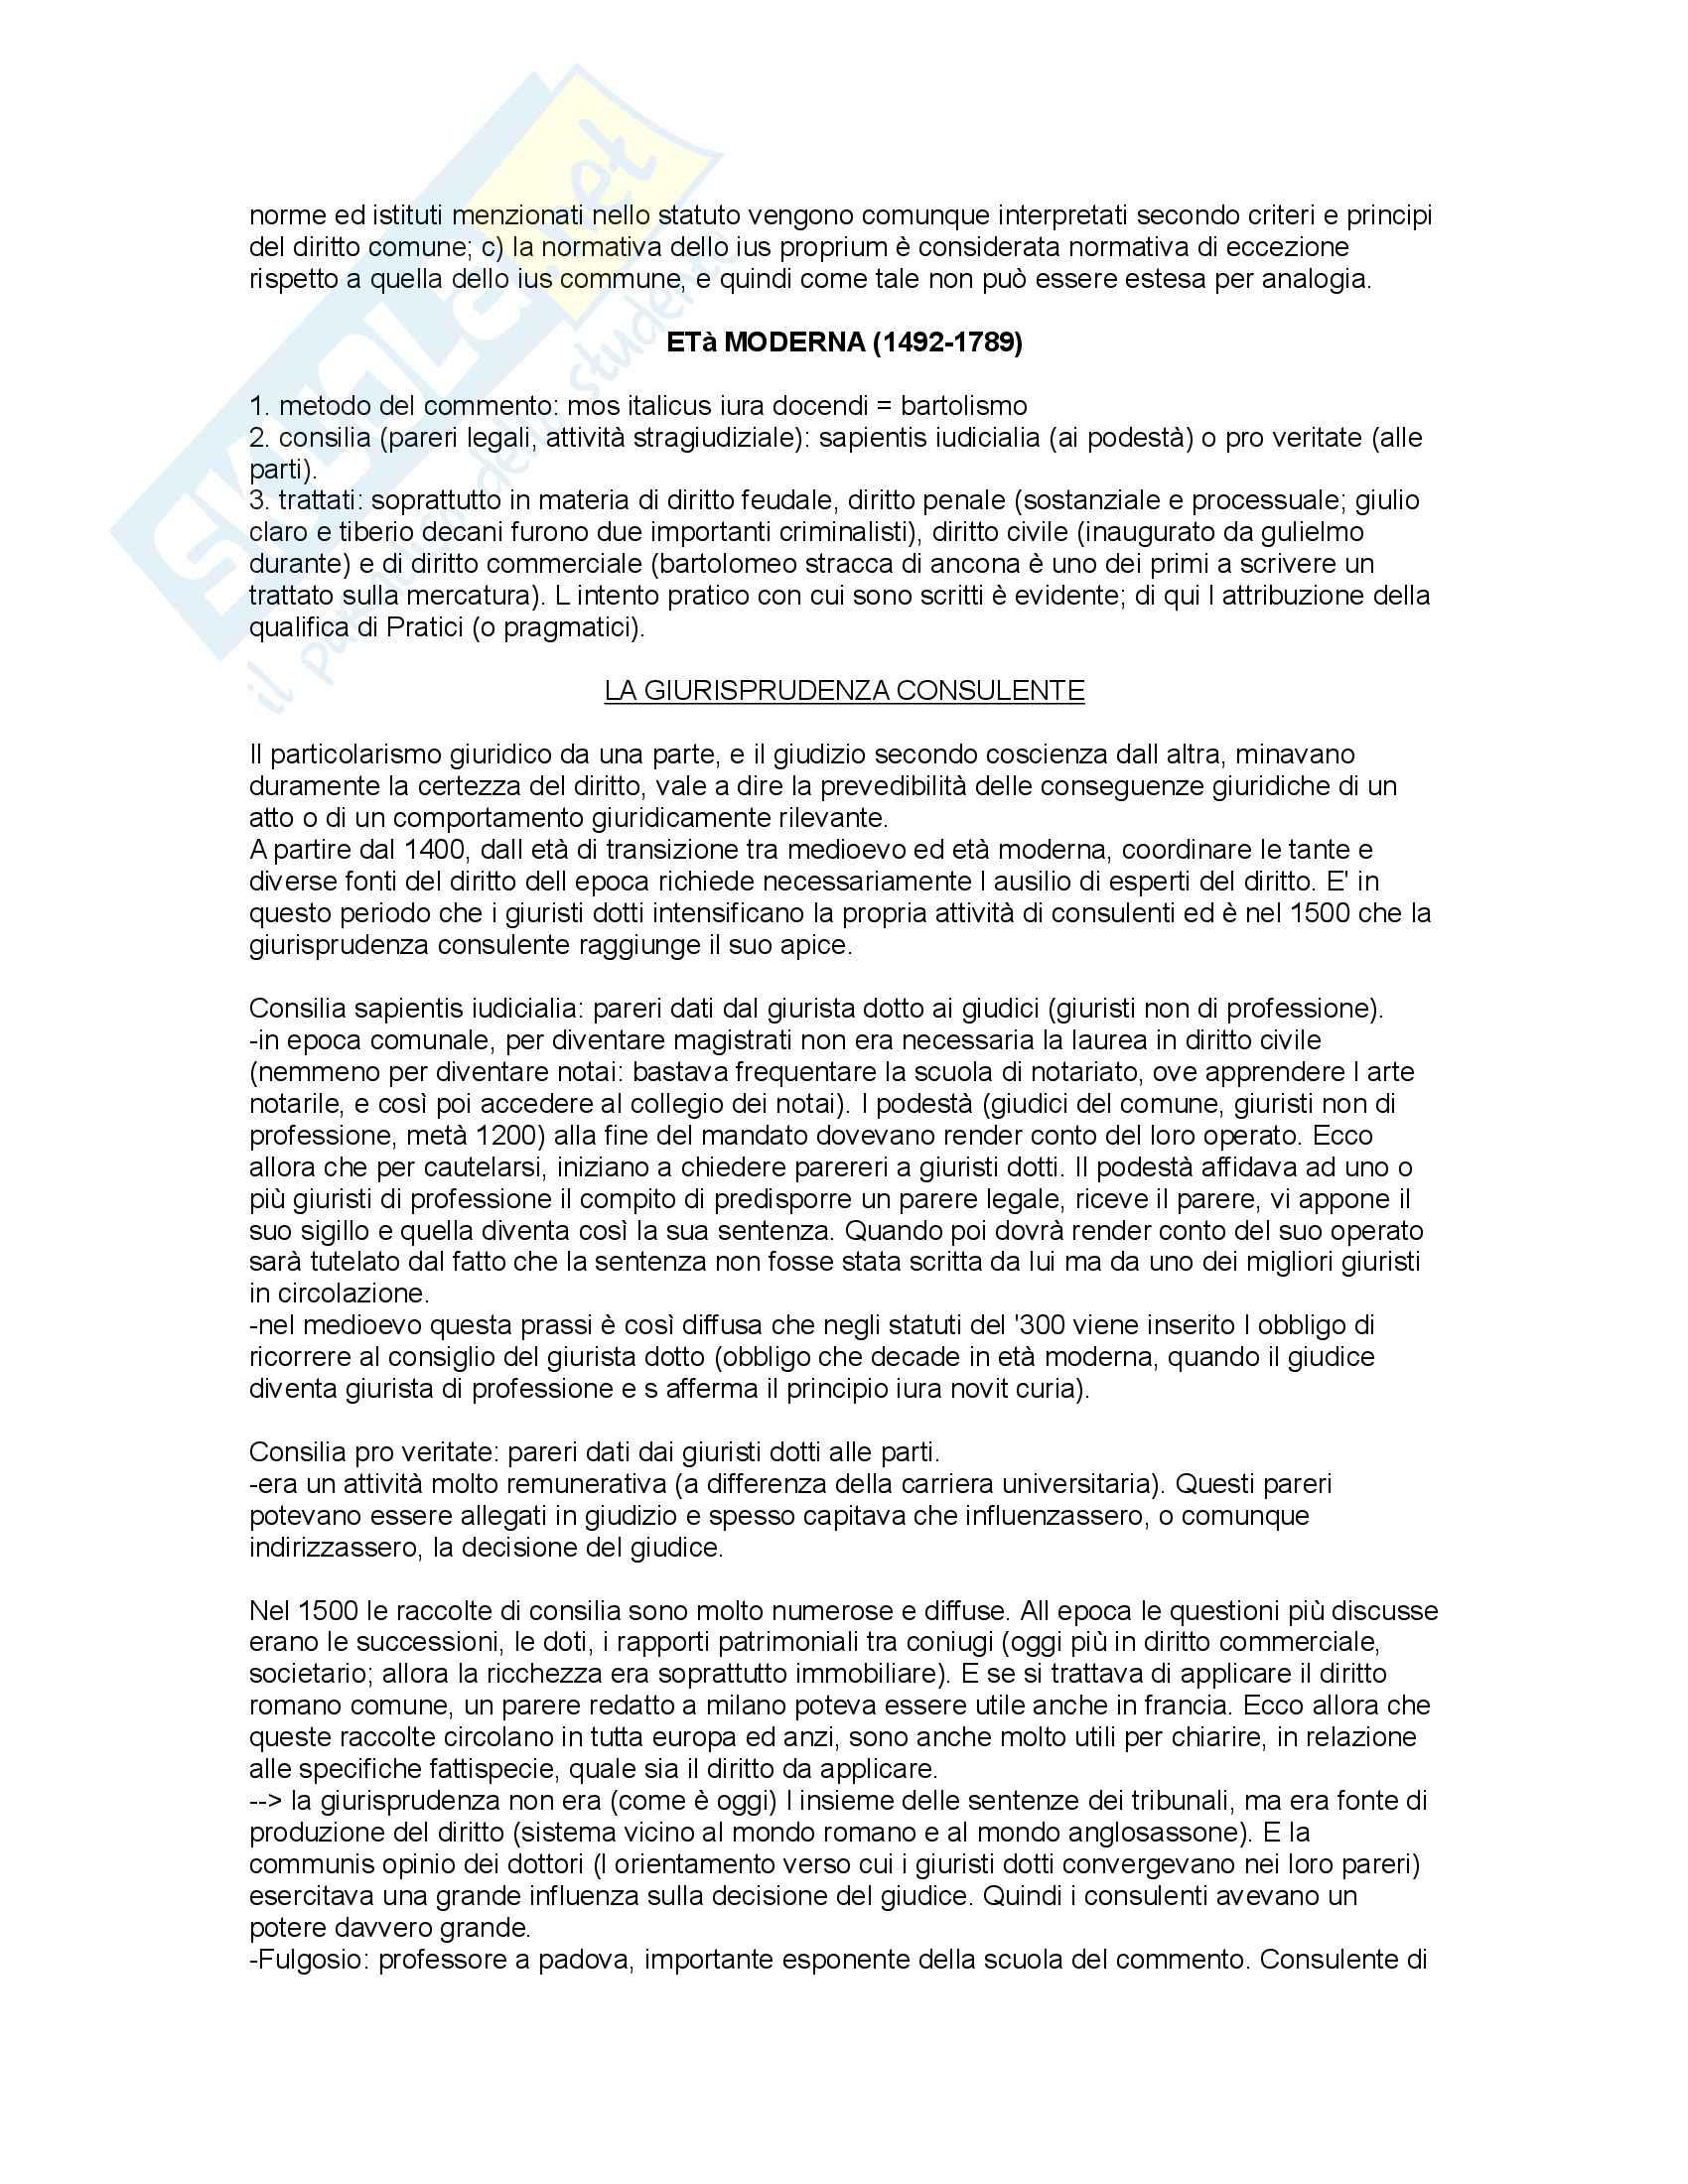 Storia del diritto in Europa - Padoa Schioppa - Riassunto esame, prof. Miglierino Pag. 11